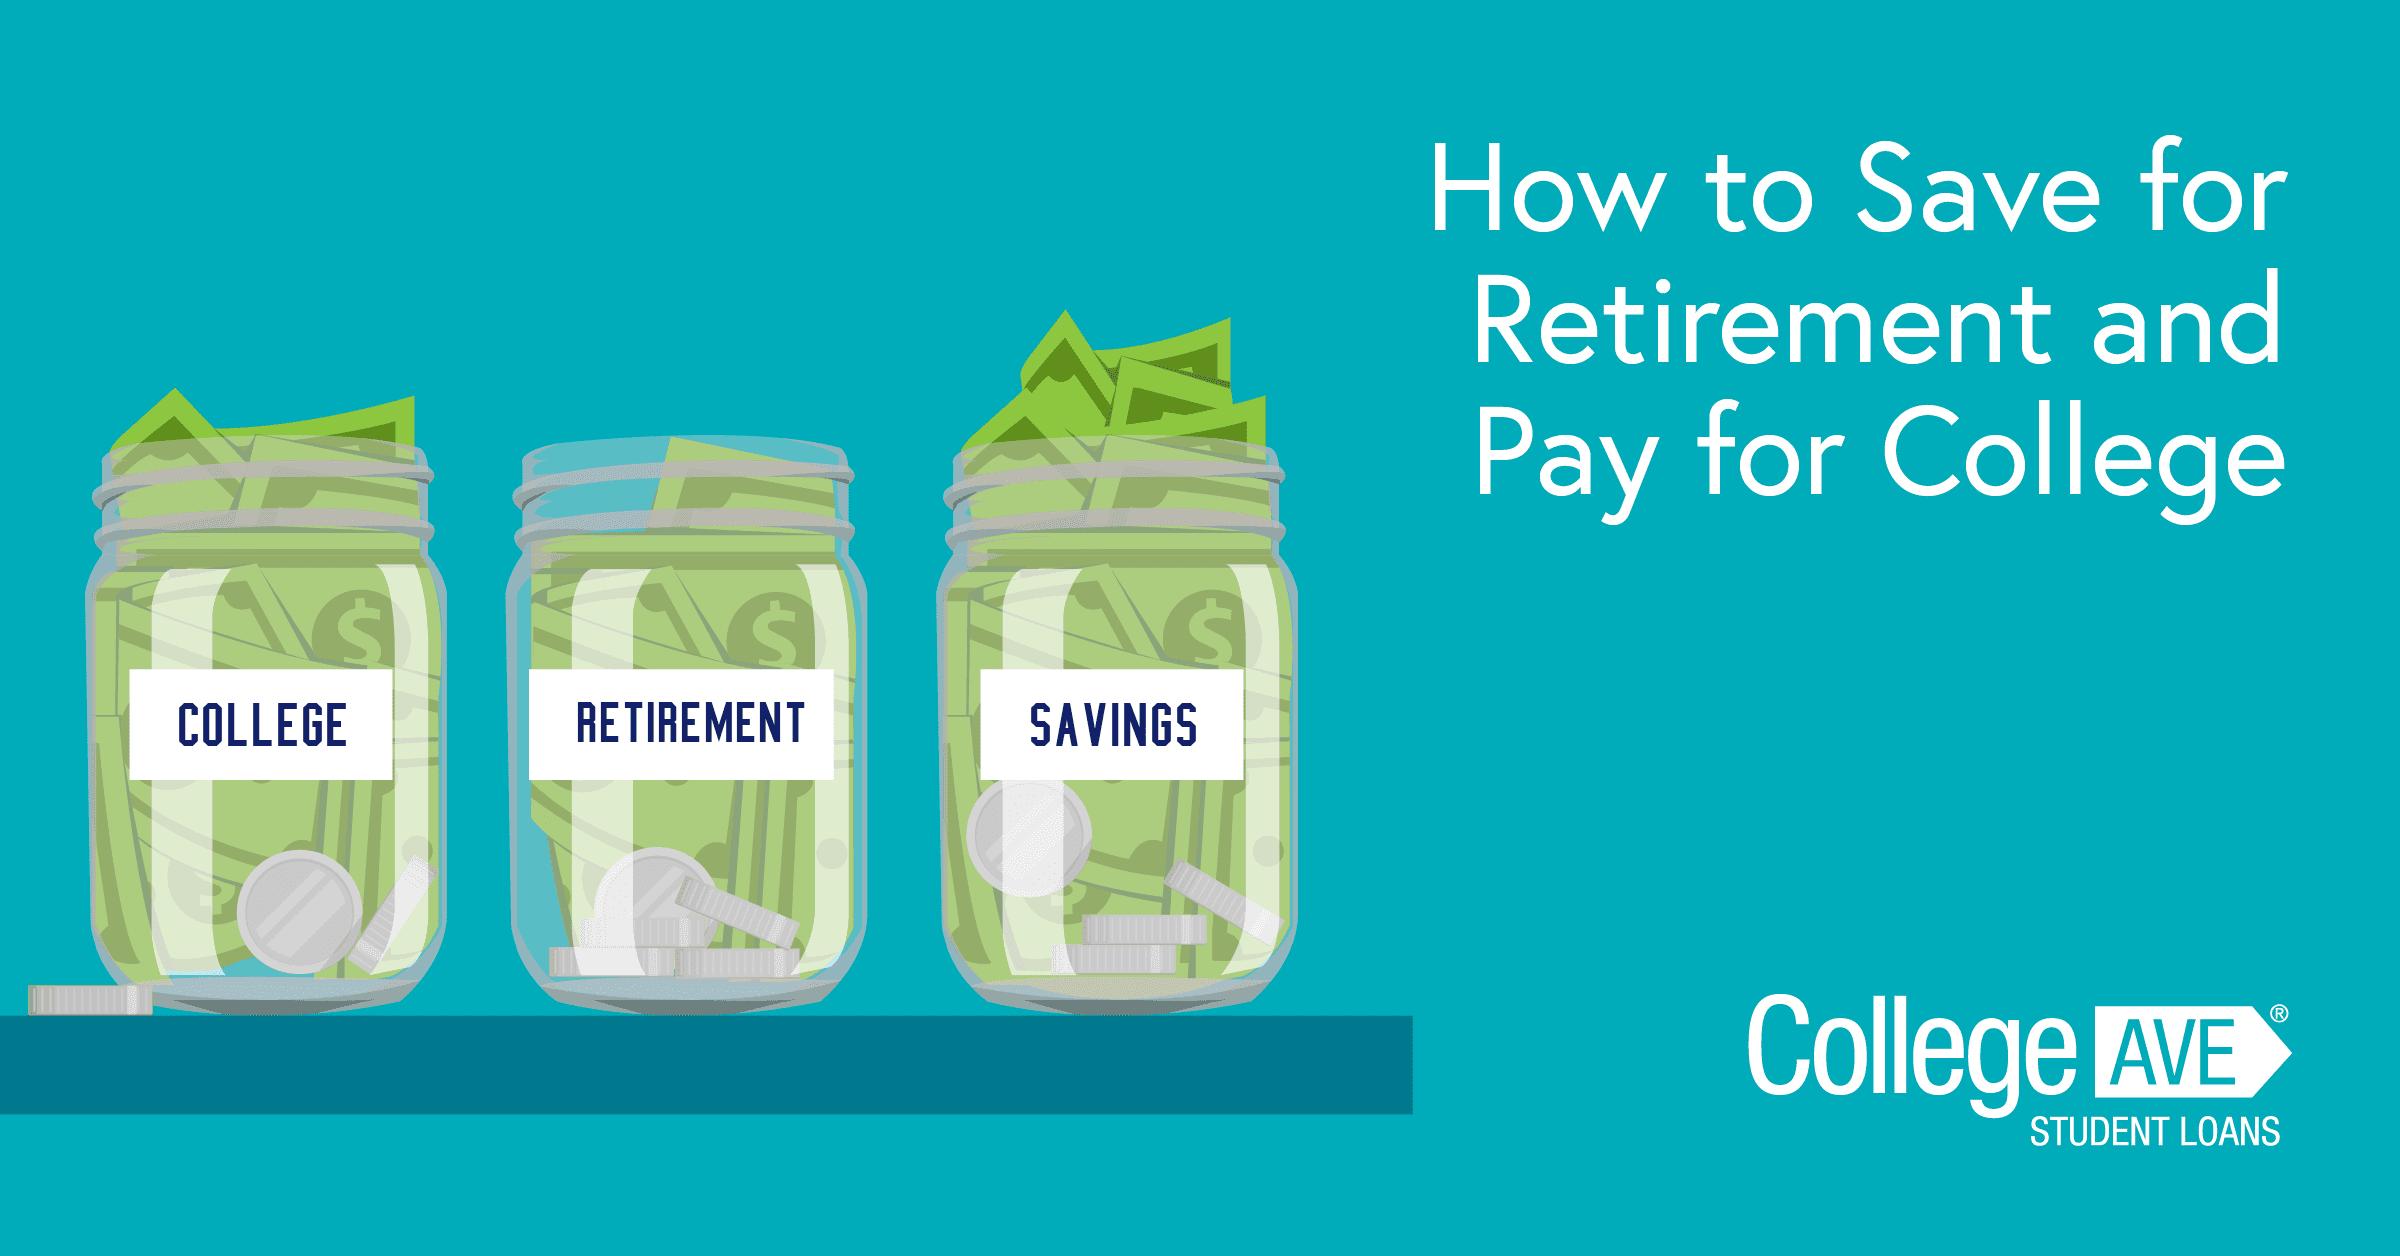 Cómo ahorrar para la jubilación y pagar la universidad